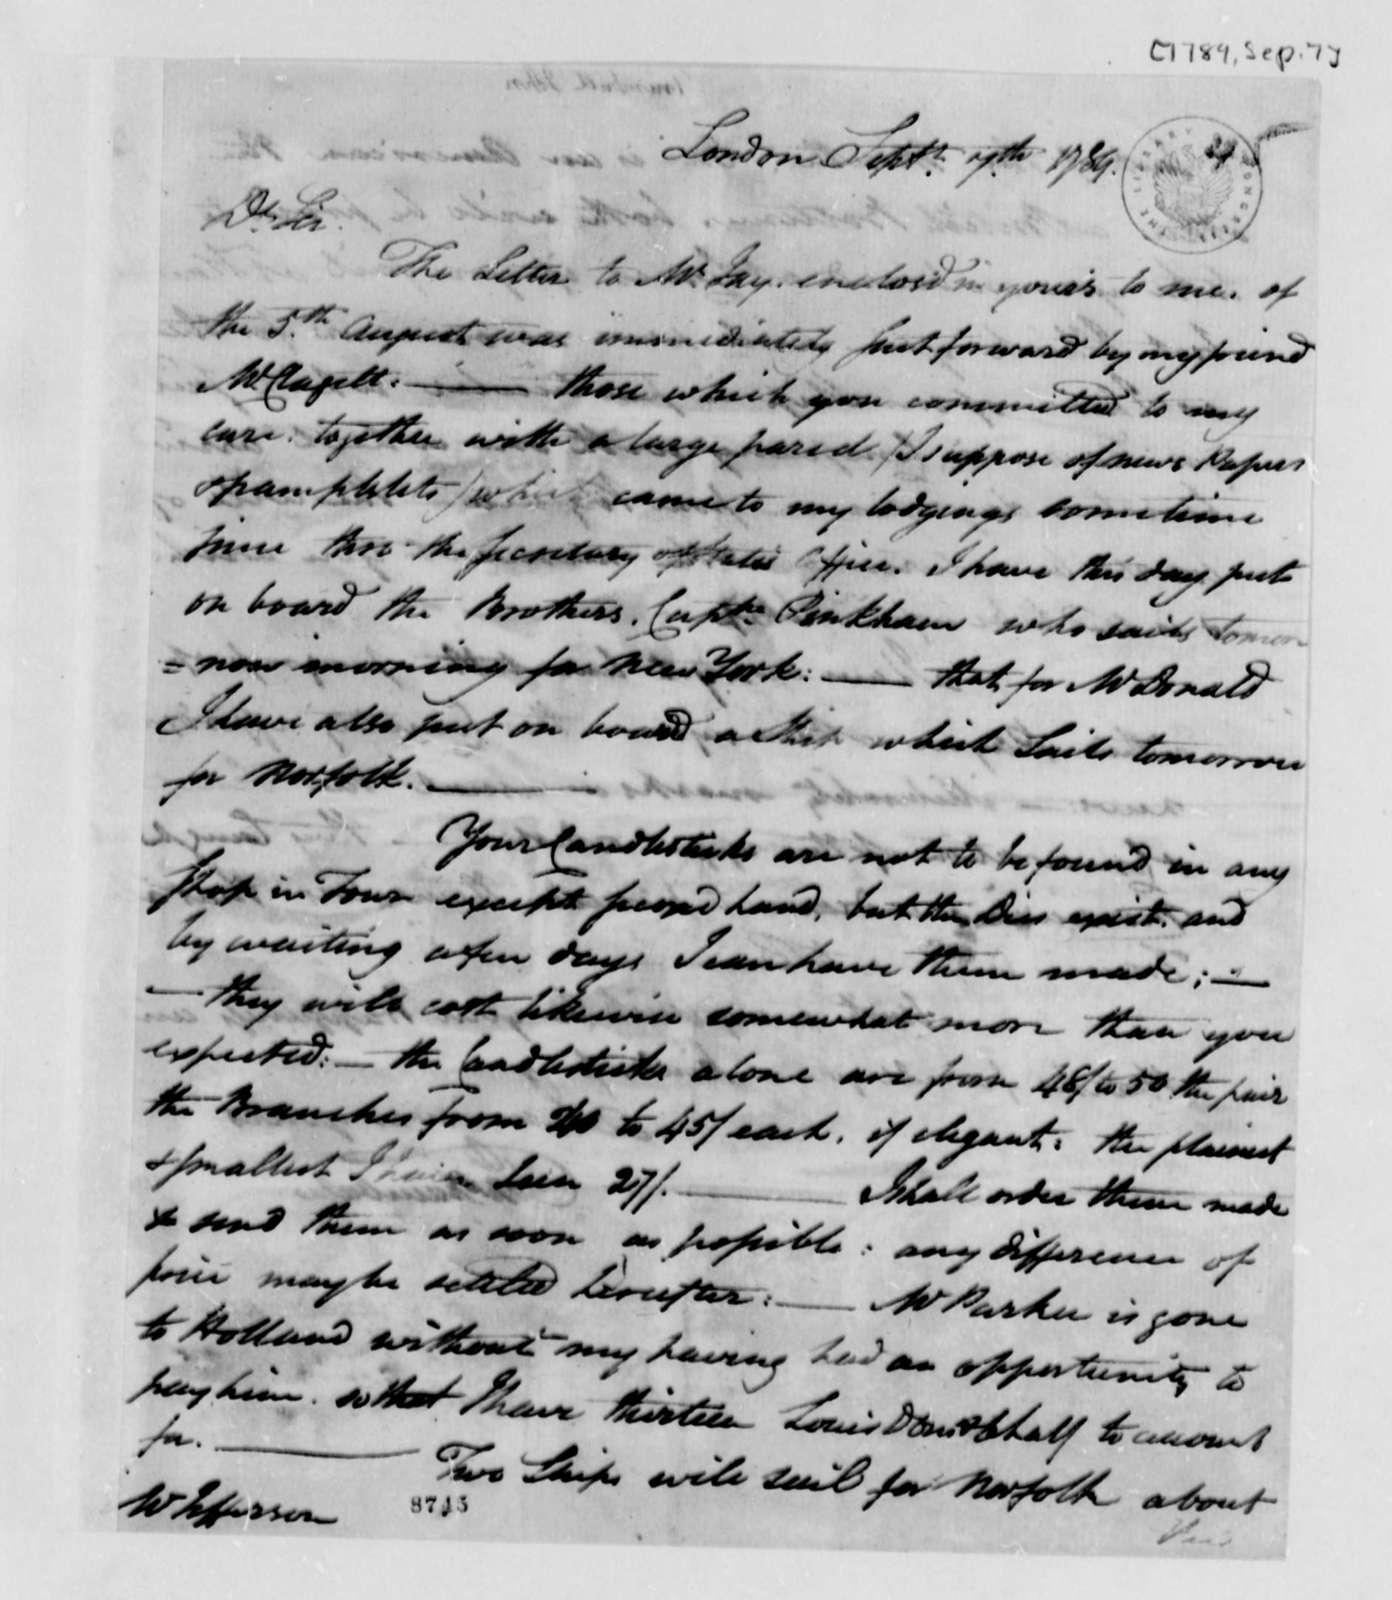 John Trumbull to Thomas Jefferson, September 7, 1789